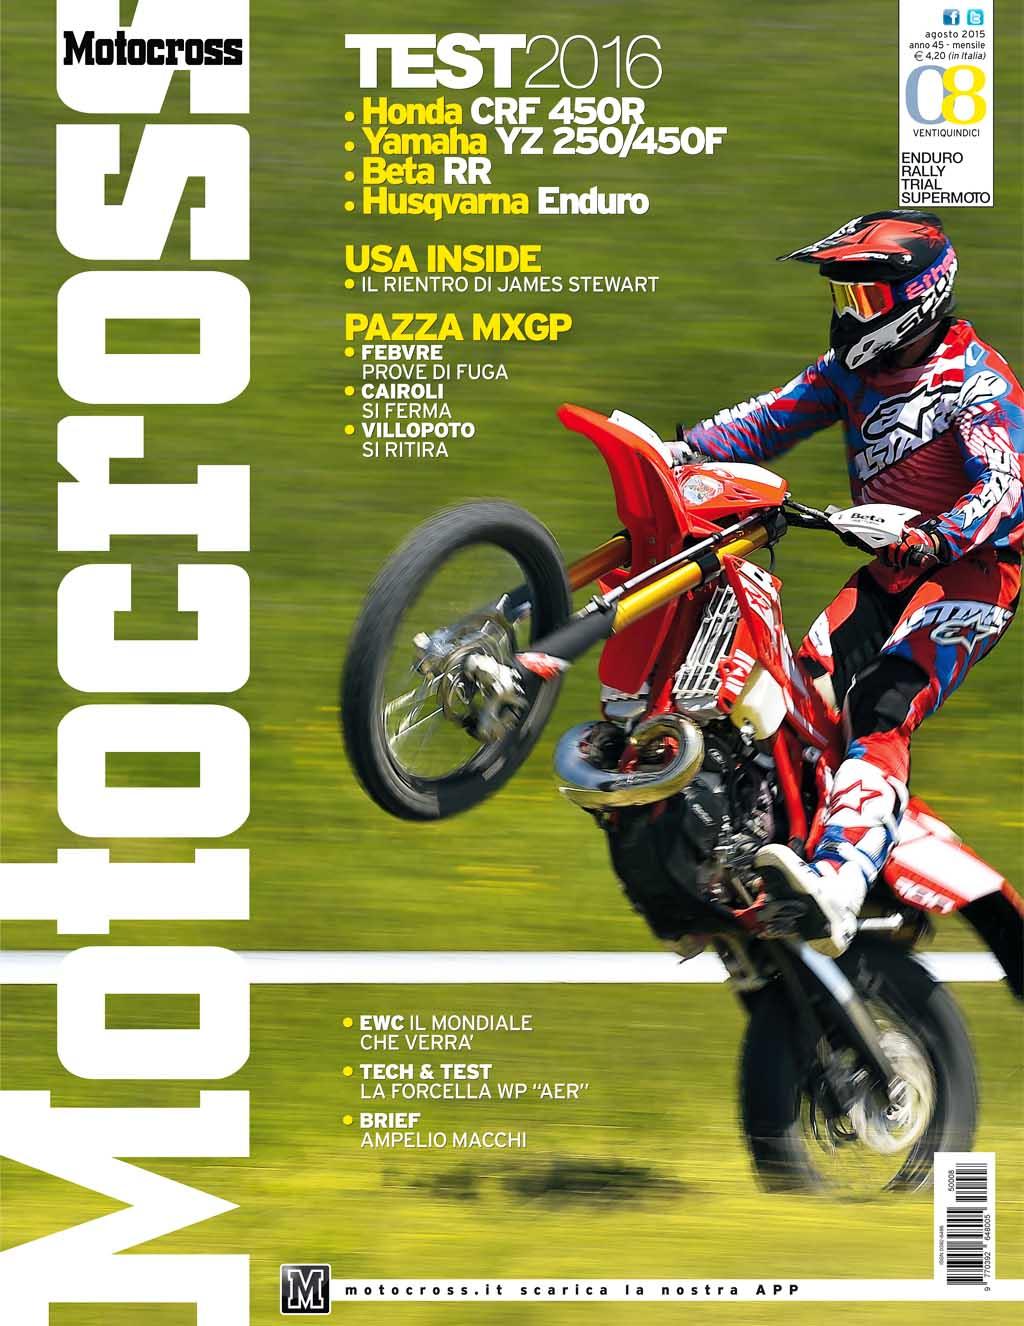 Motocross Agosto 2015